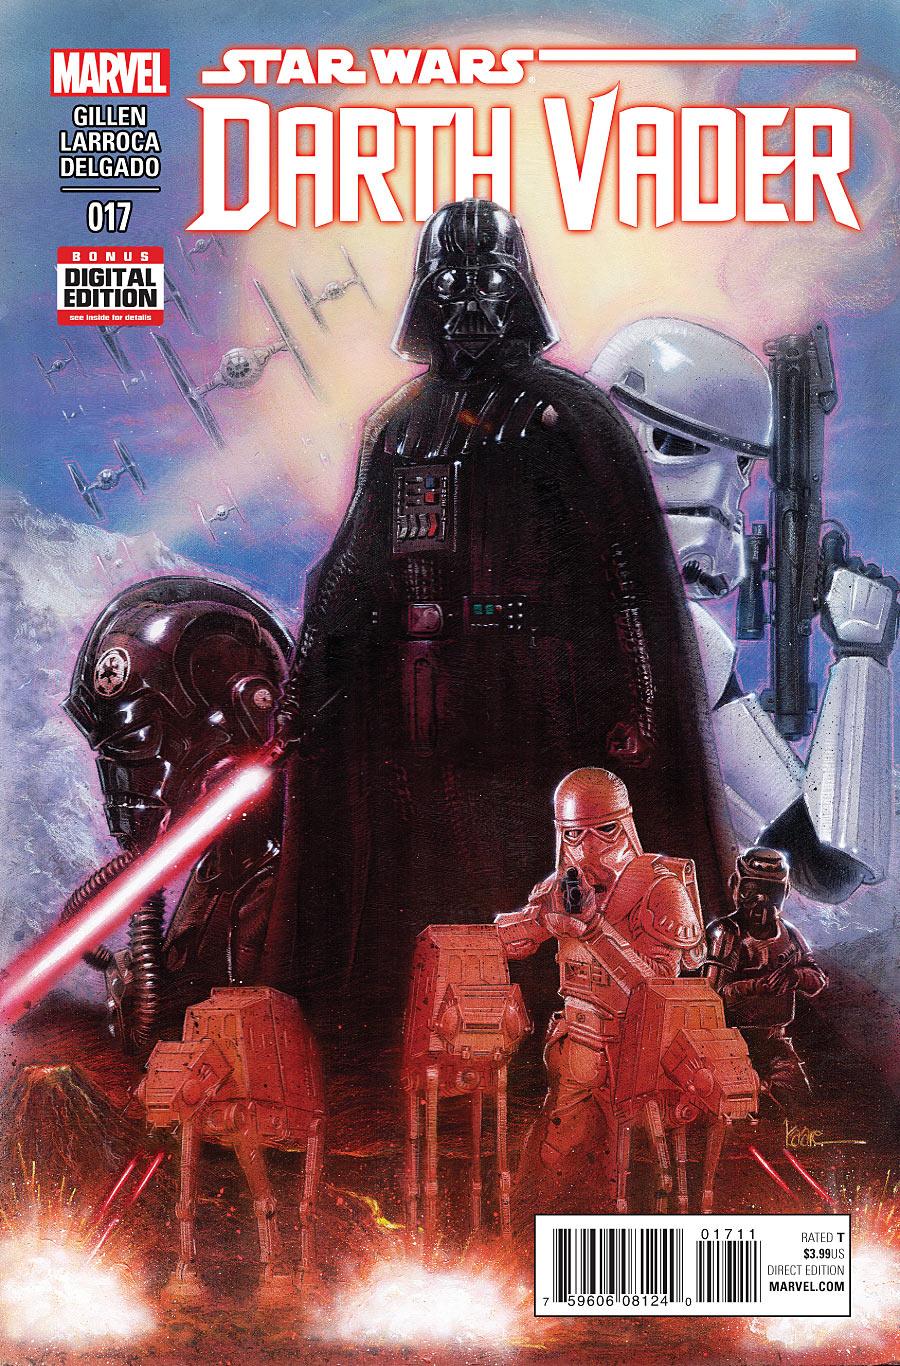 Star Wars: Darth Vader #17